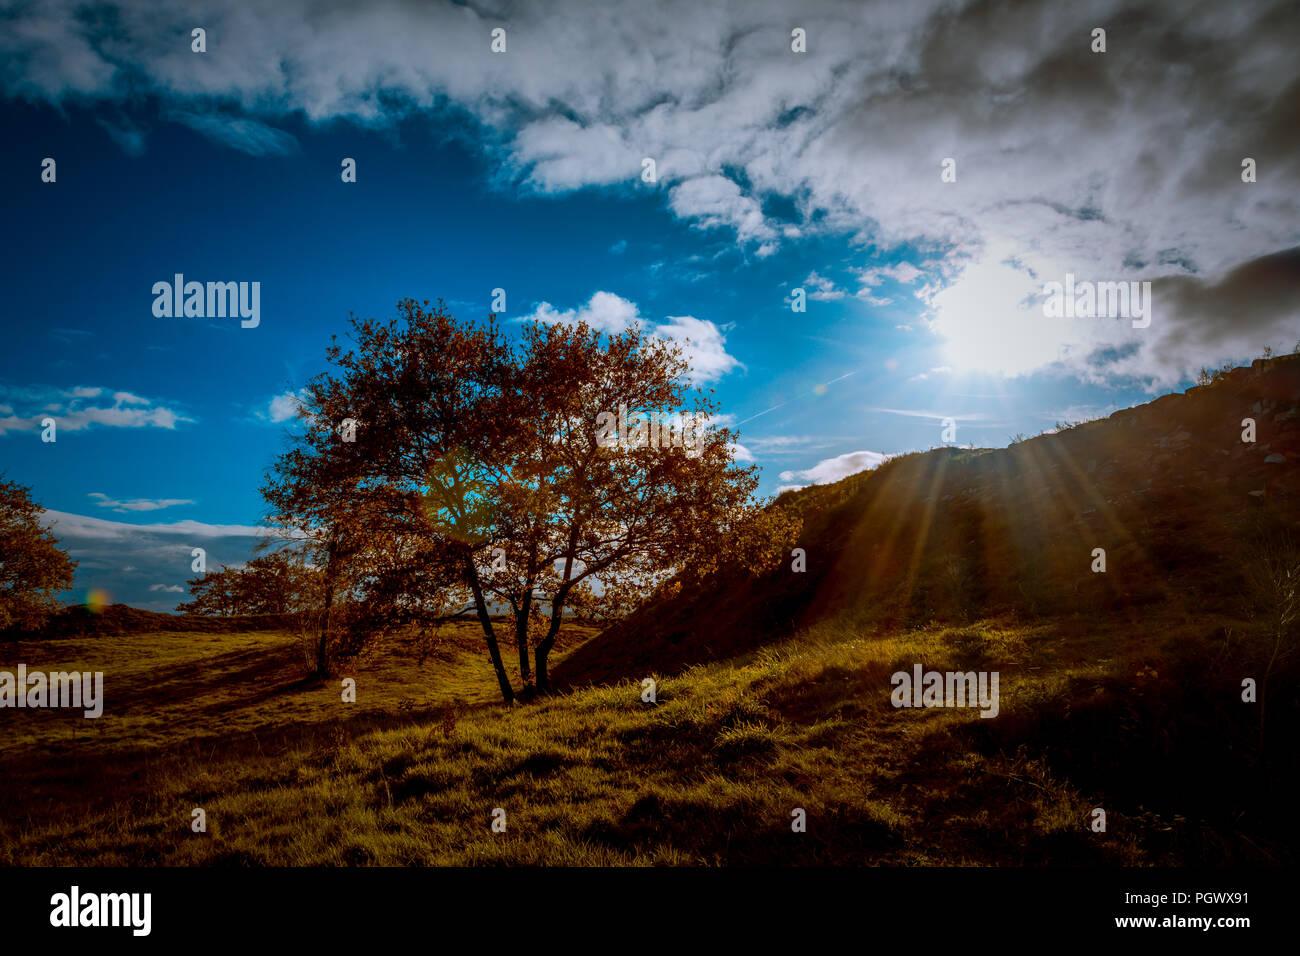 Panorámica de arboles con cielo azul y tonos verdes marrones y. Immagini Stock